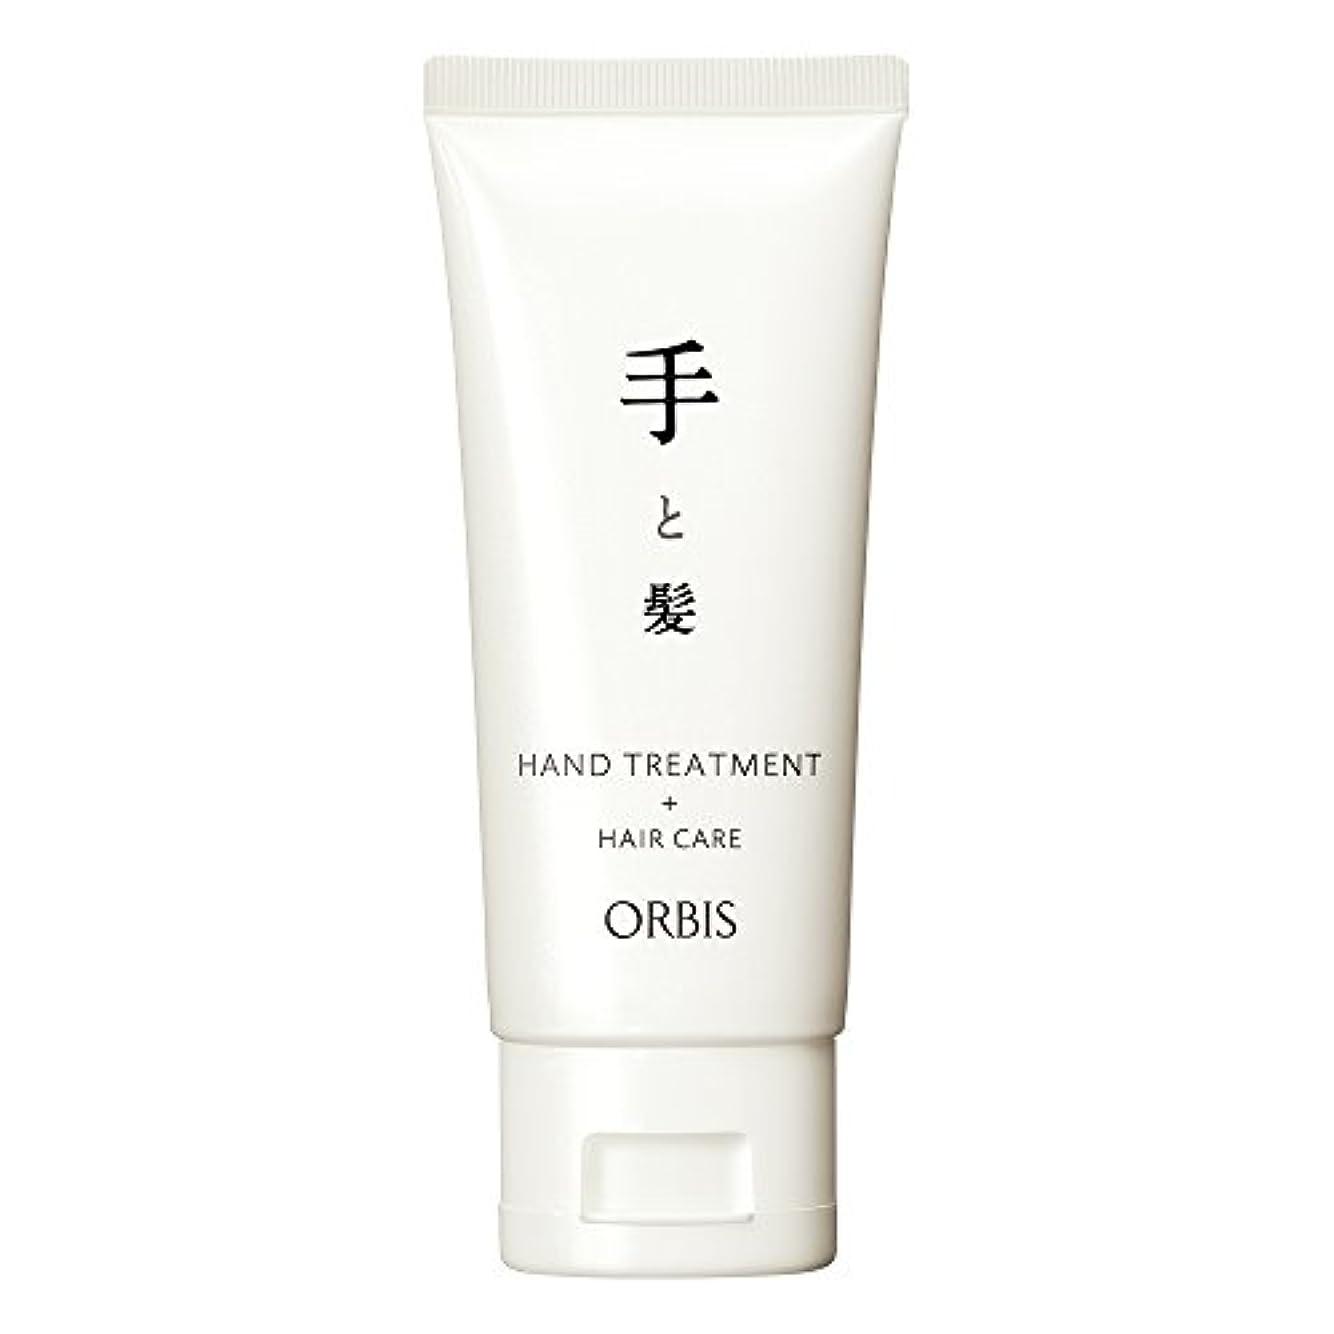 軽減するソーダ水不潔オルビス(ORBIS) 手と髪 ―髪にも使えるハンドトリートメント― 80g (ハンドクリーム兼ヘアクリーム) 9656